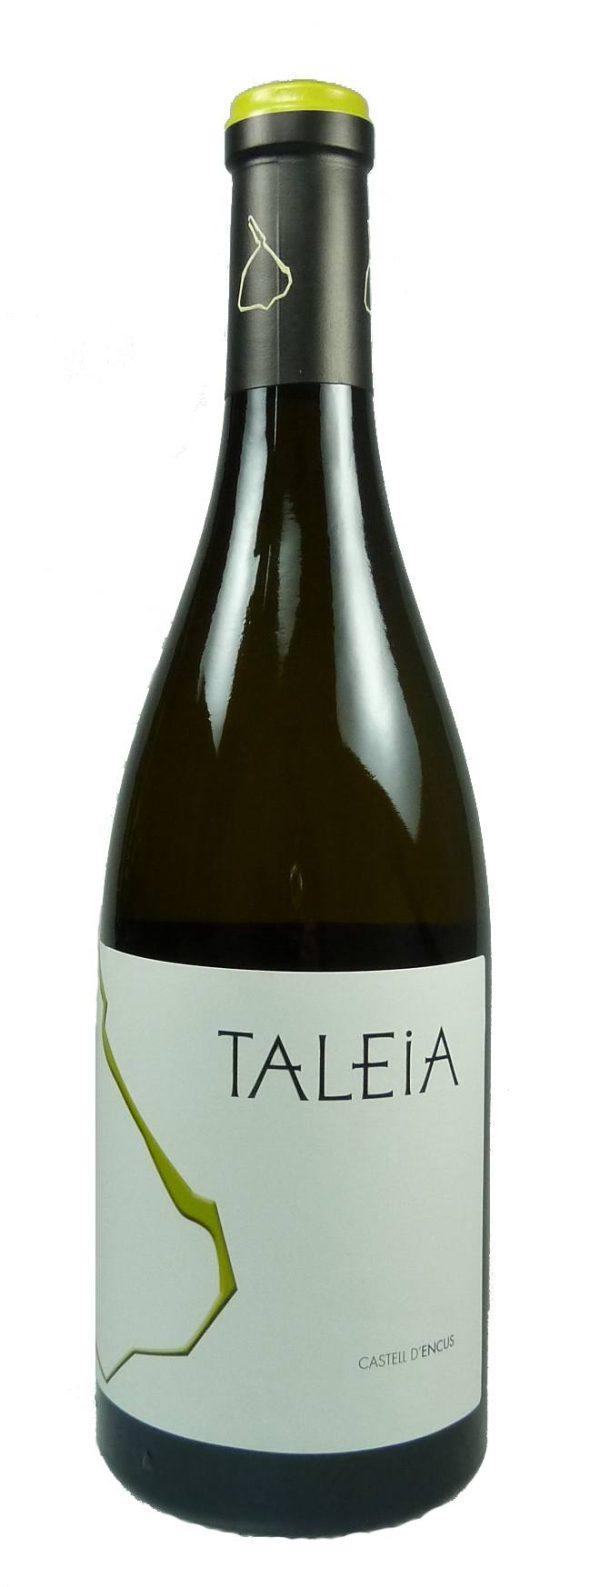 Taleia Costers del Segre Sauvignon blanc Sémillon  2015